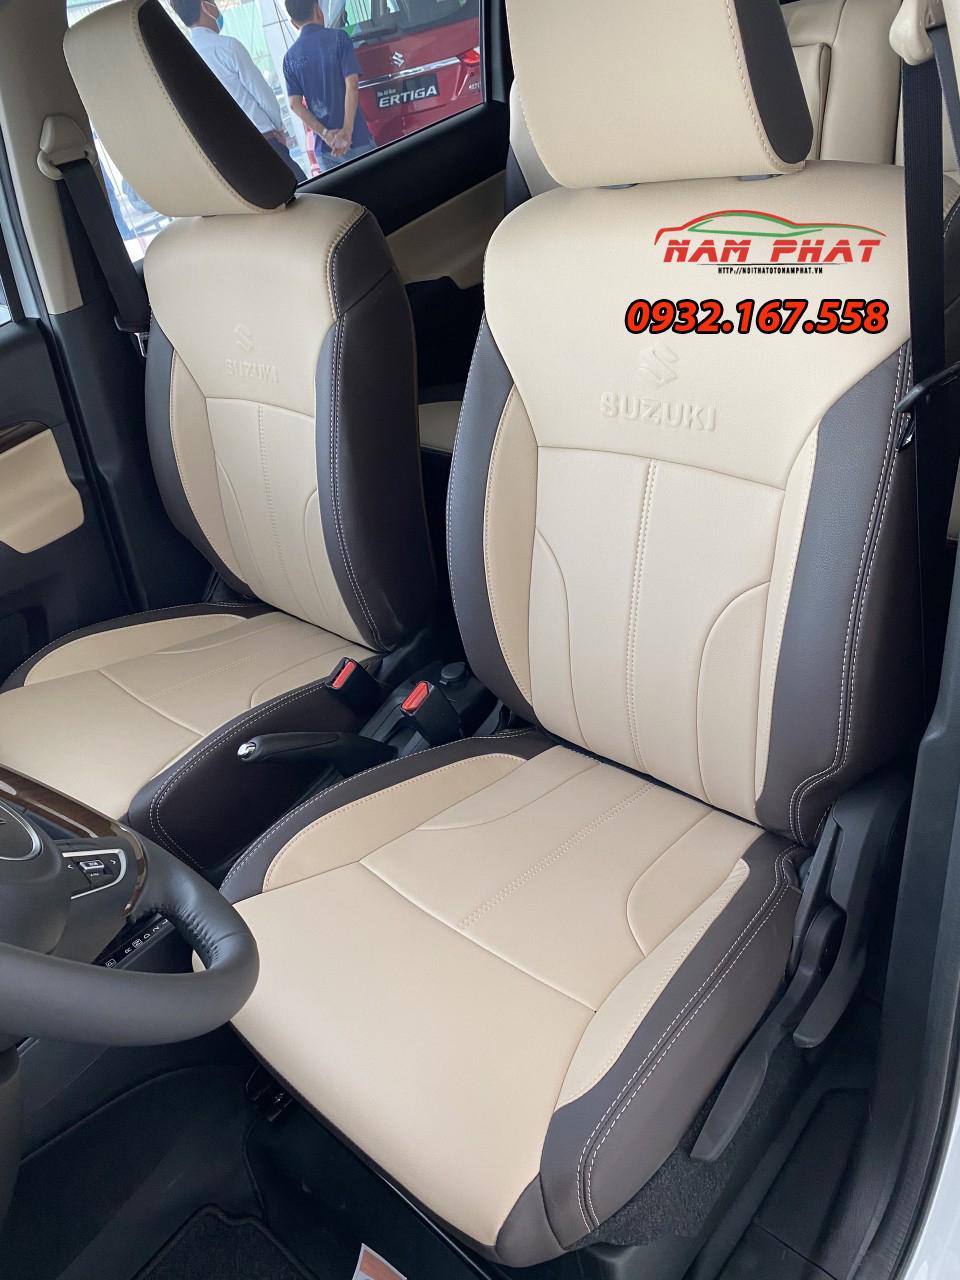 Bọc nệm ghế da Suzuki Ertiga